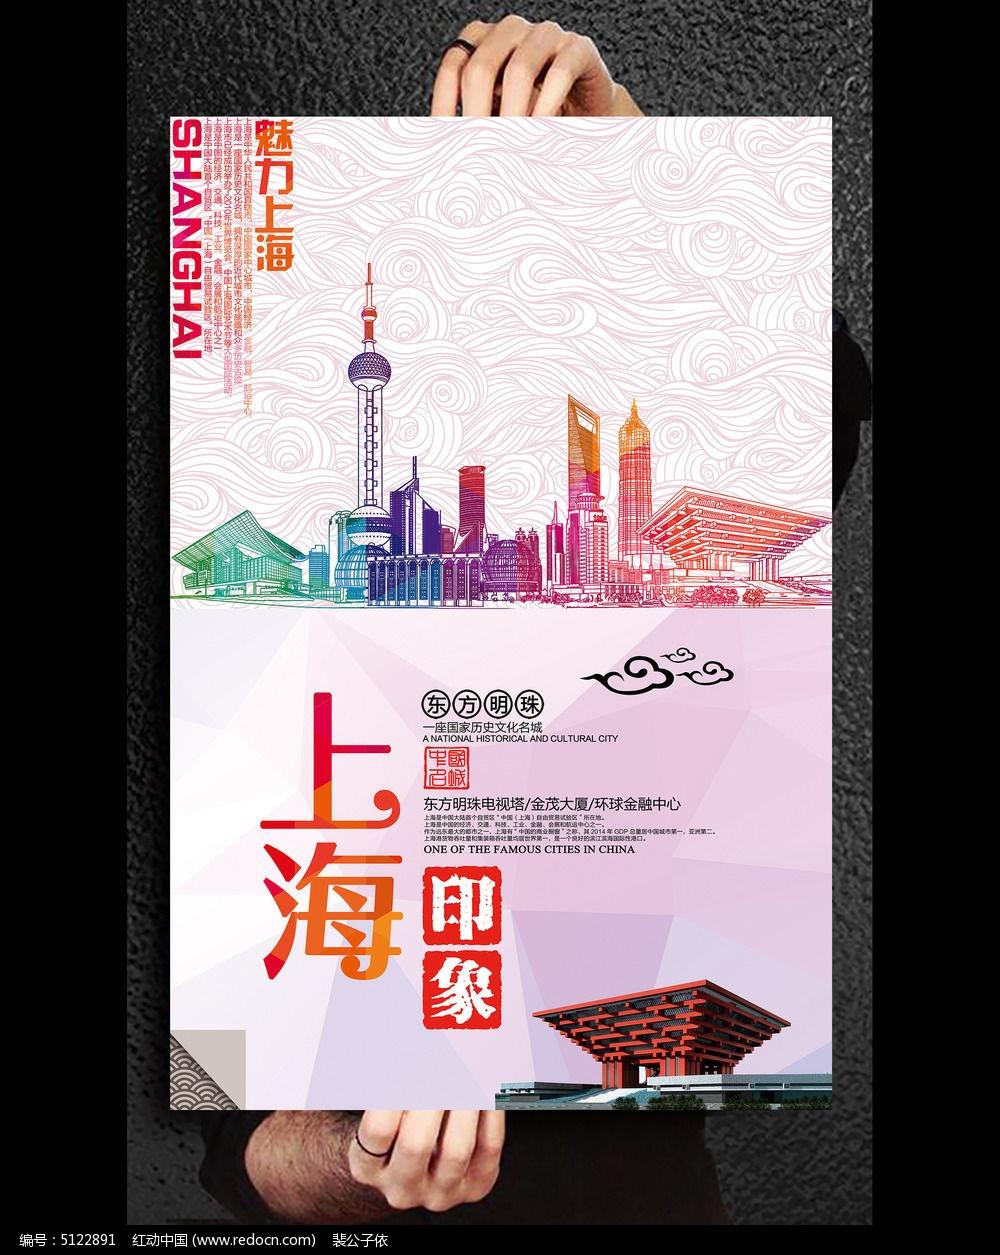 原创设计稿 海报设计/宣传单/广告牌 海报设计 魅力上海印象旅游宣传图片